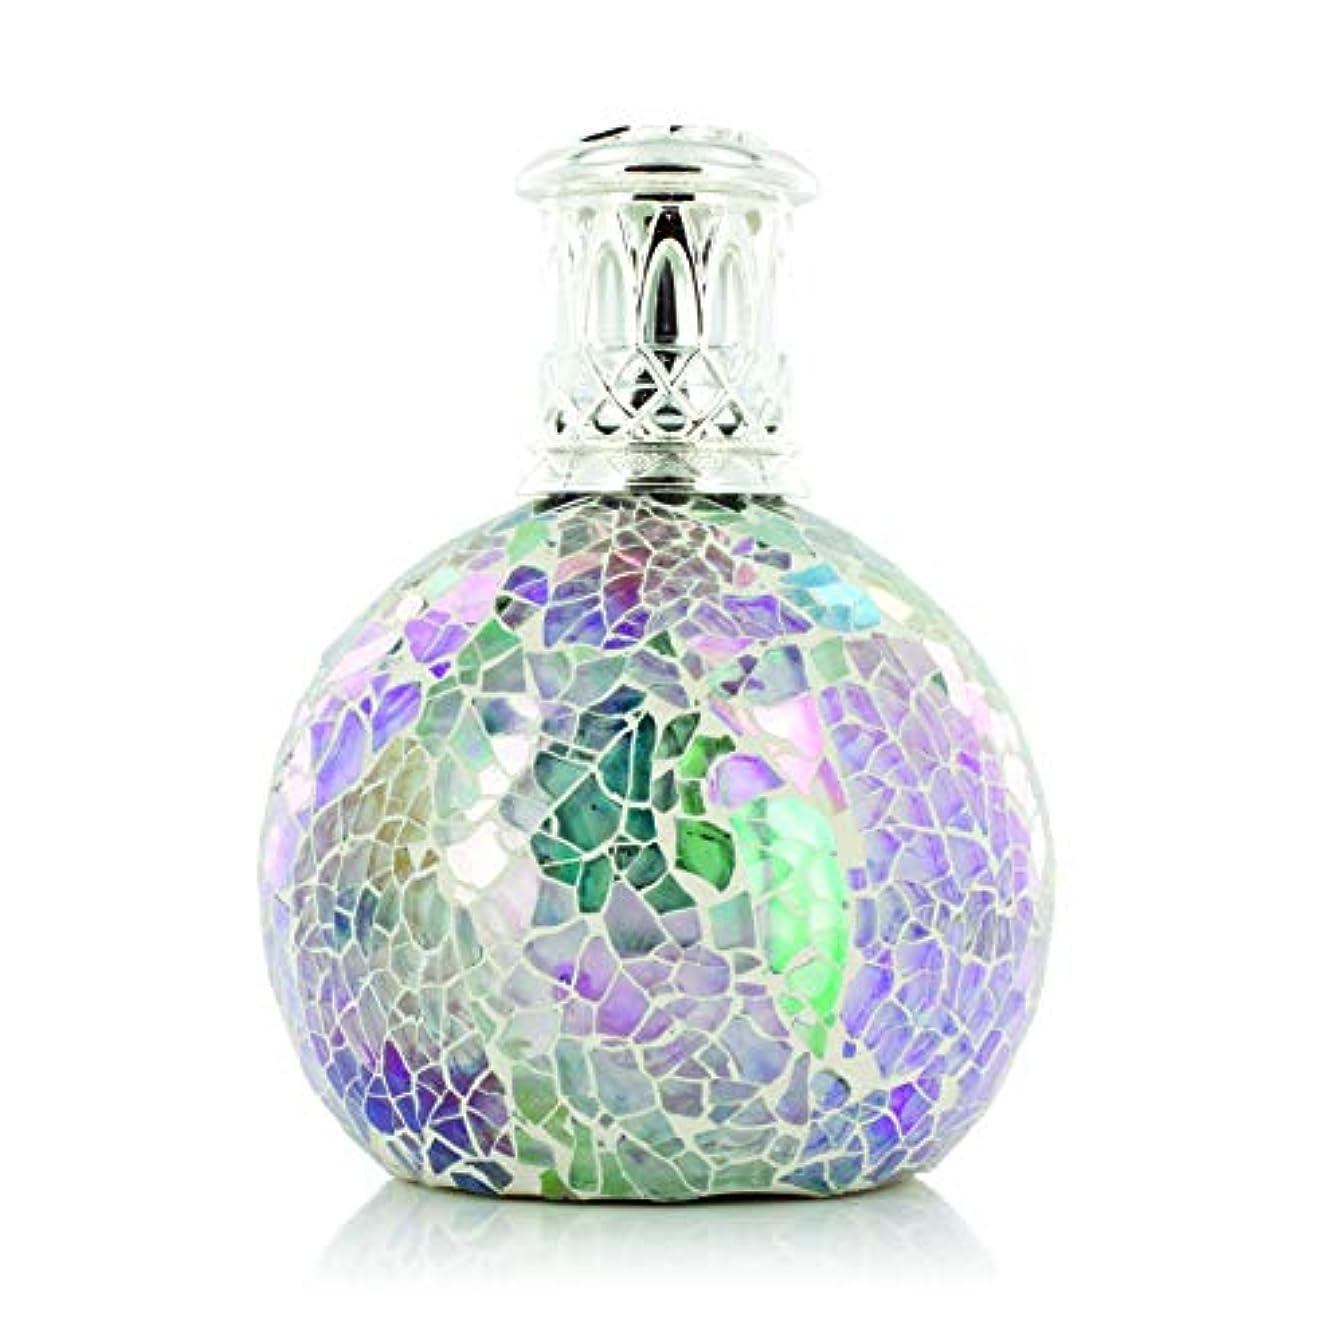 読みやすい発疹スマッシュAshleigh&Burwood フレグランスランプ S フェアリーボール FragranceLamps sizeS FairyBall アシュレイ&バーウッド